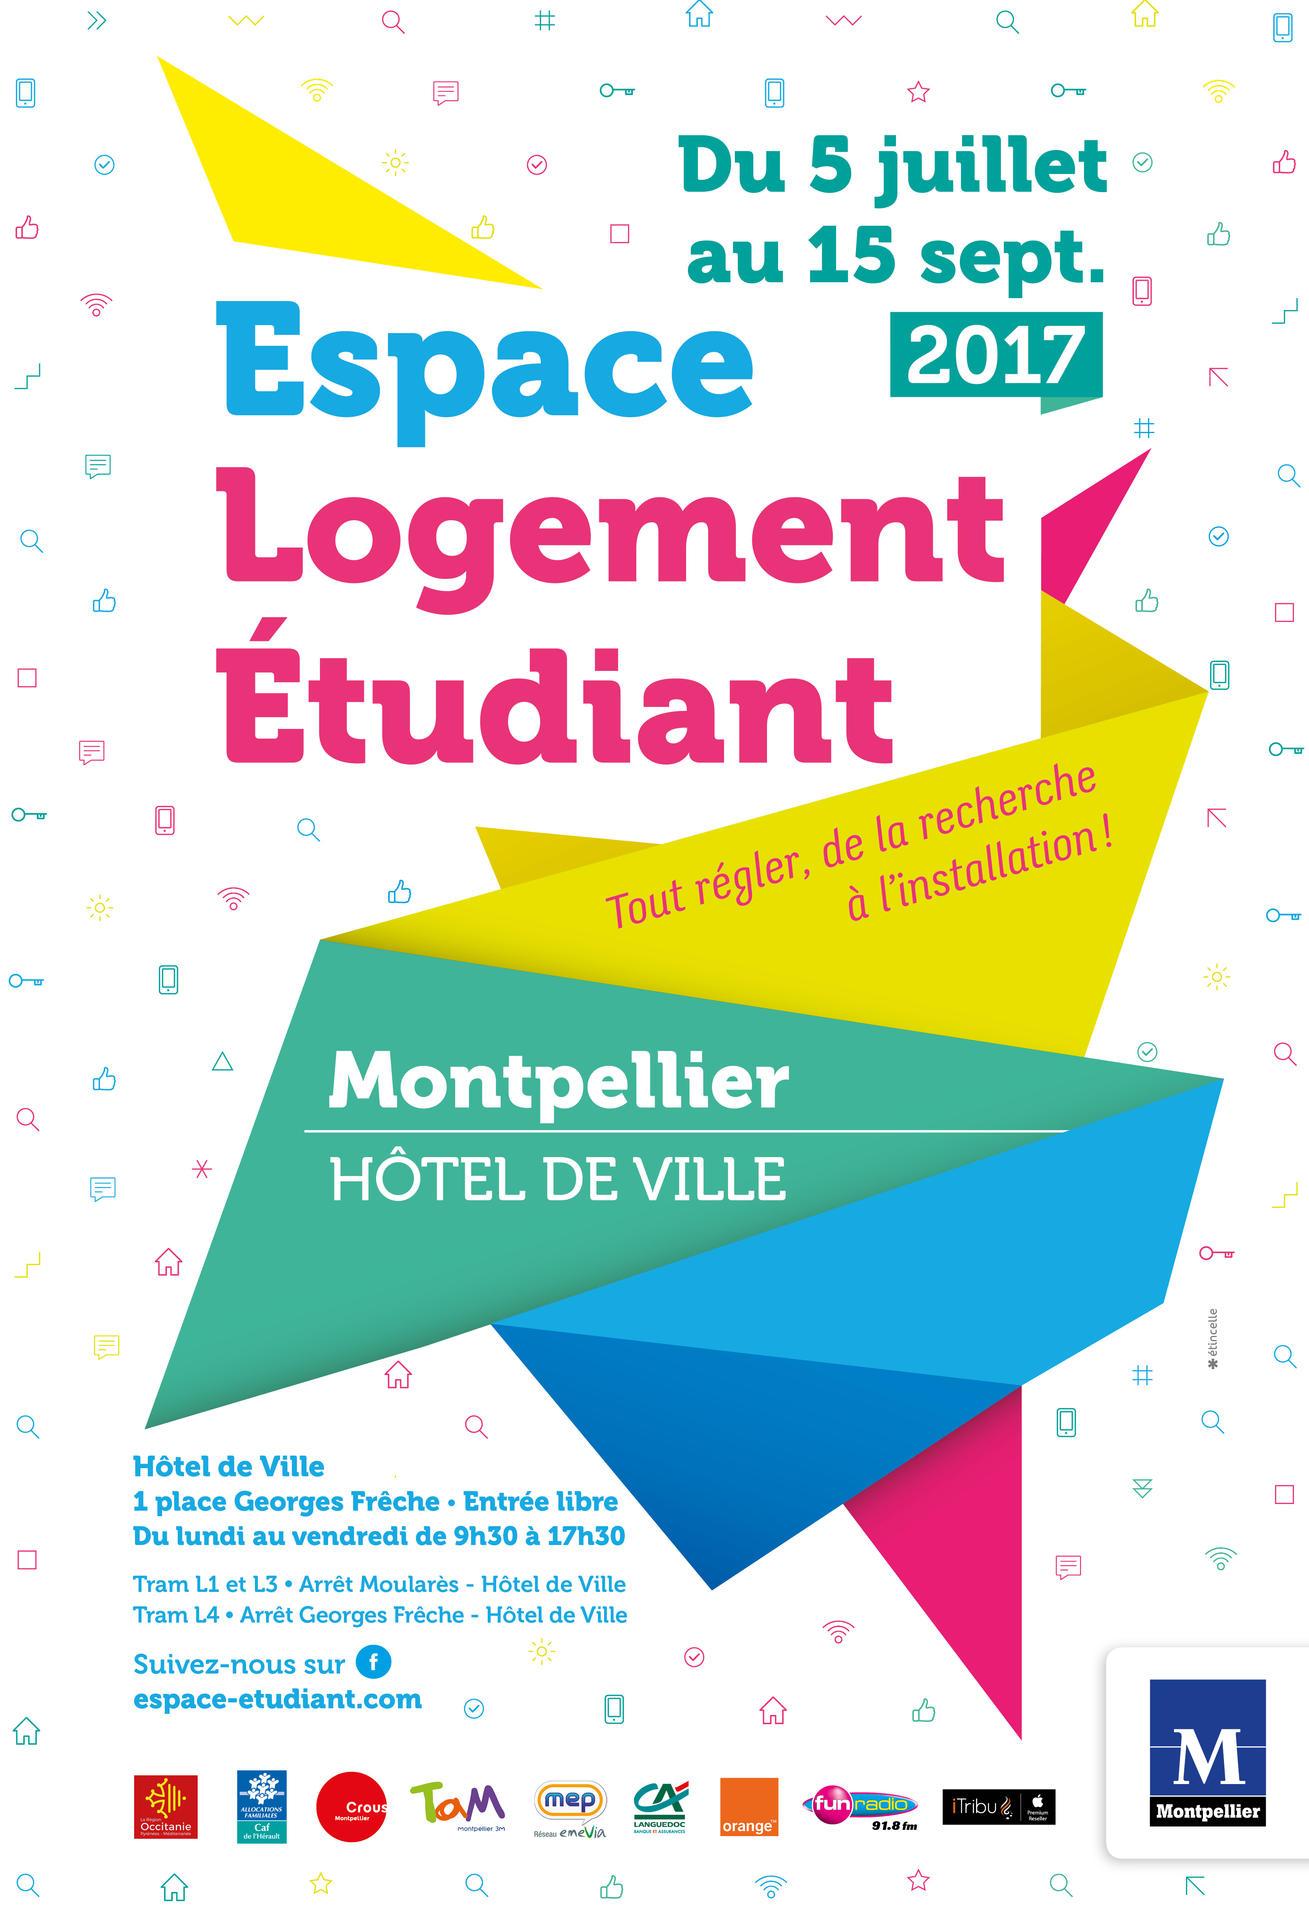 Logement jeunes et tudiants  Montpellier  Ville de Montpellier